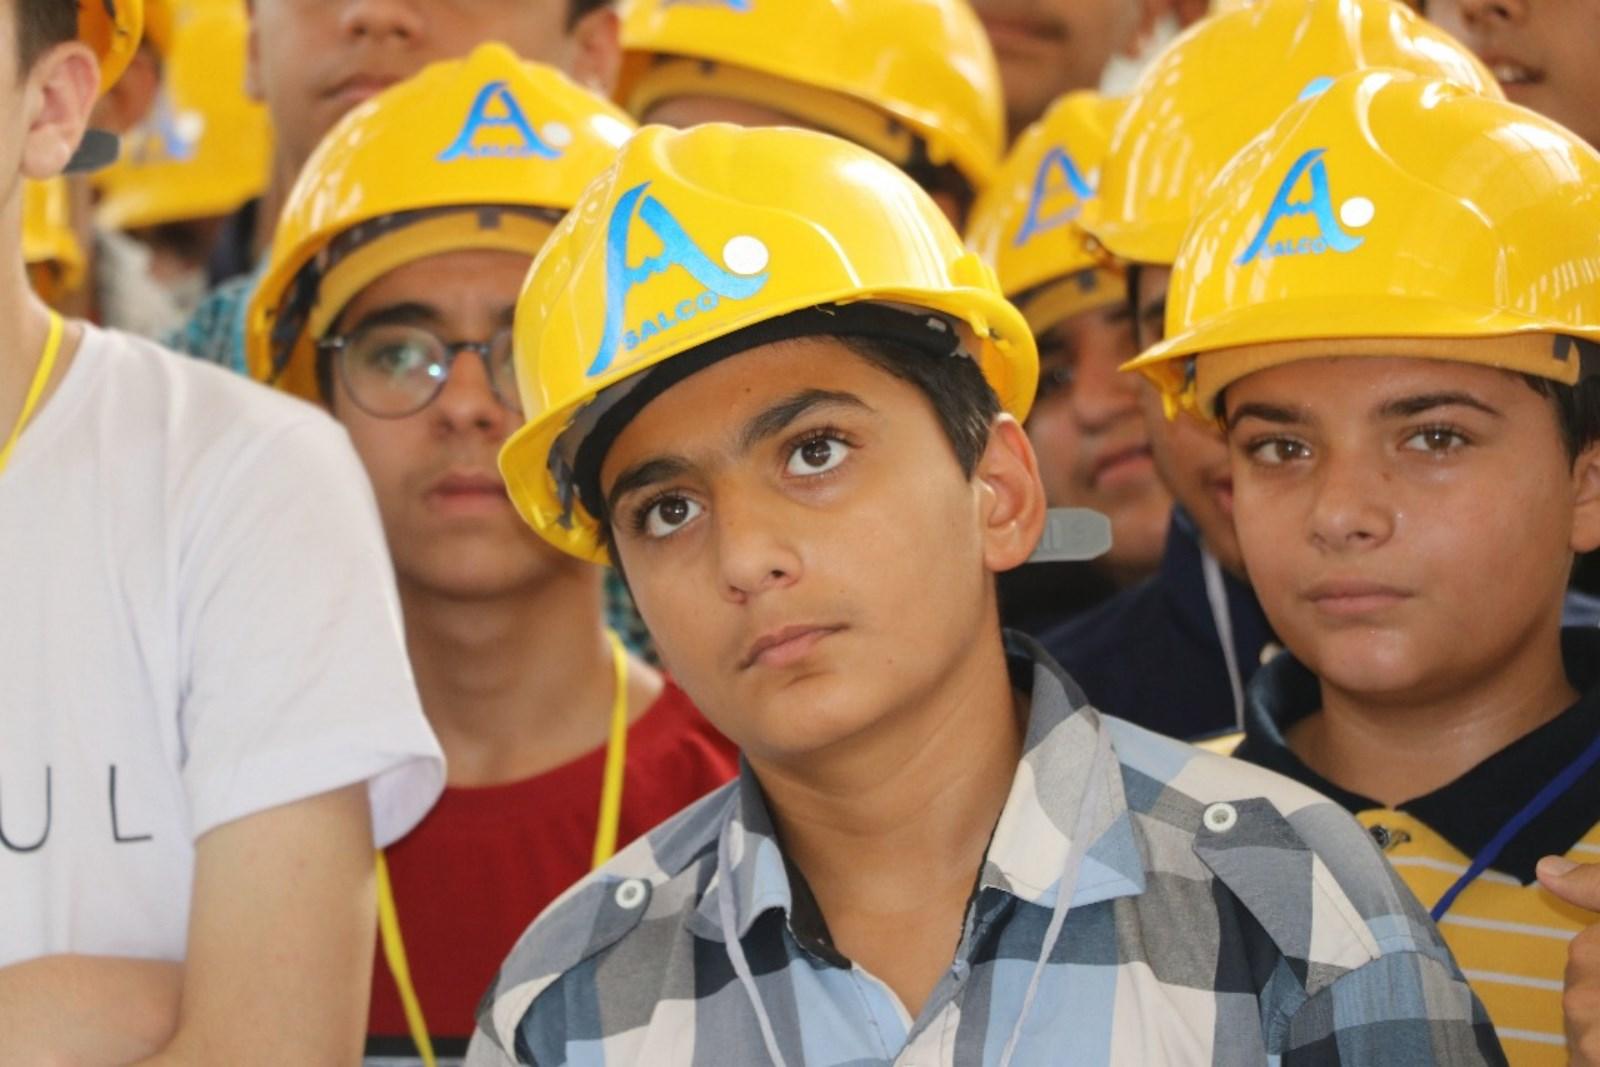 دانش آموزان لامردی کارخانه ساز می شوند